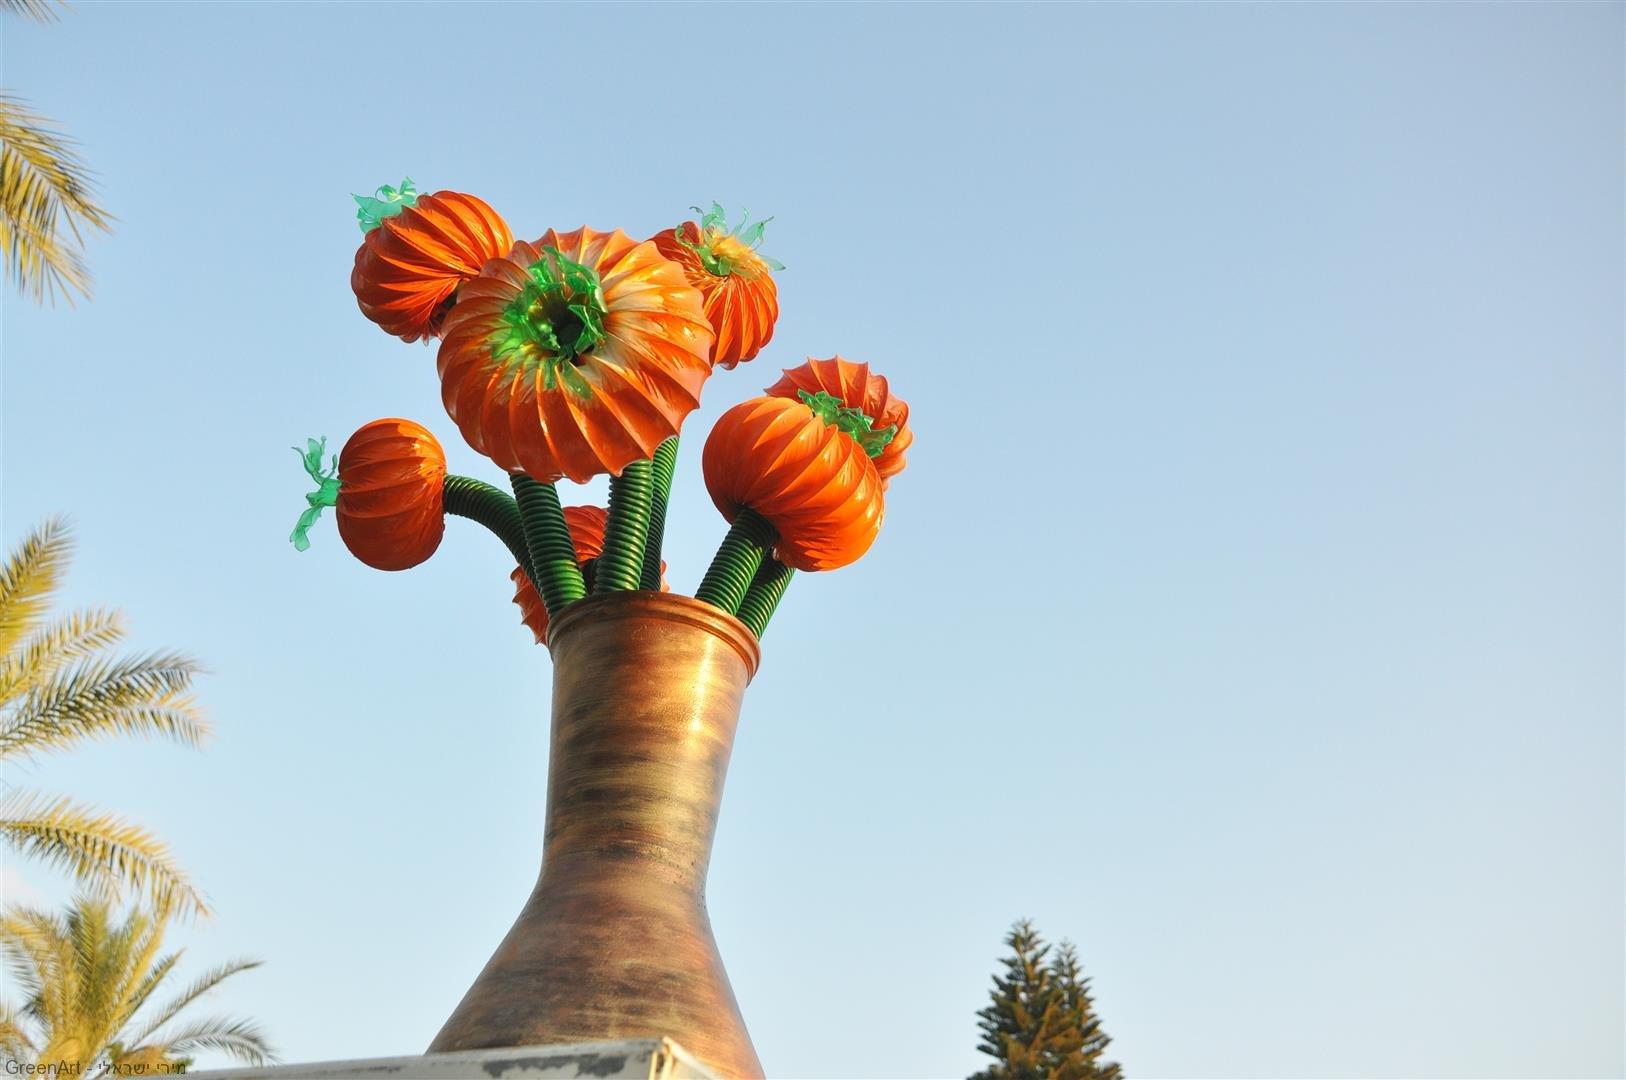 היצירה - פריחה מצינורות האדמה -  אומנות אקולוגית מפסולת פלסטיק